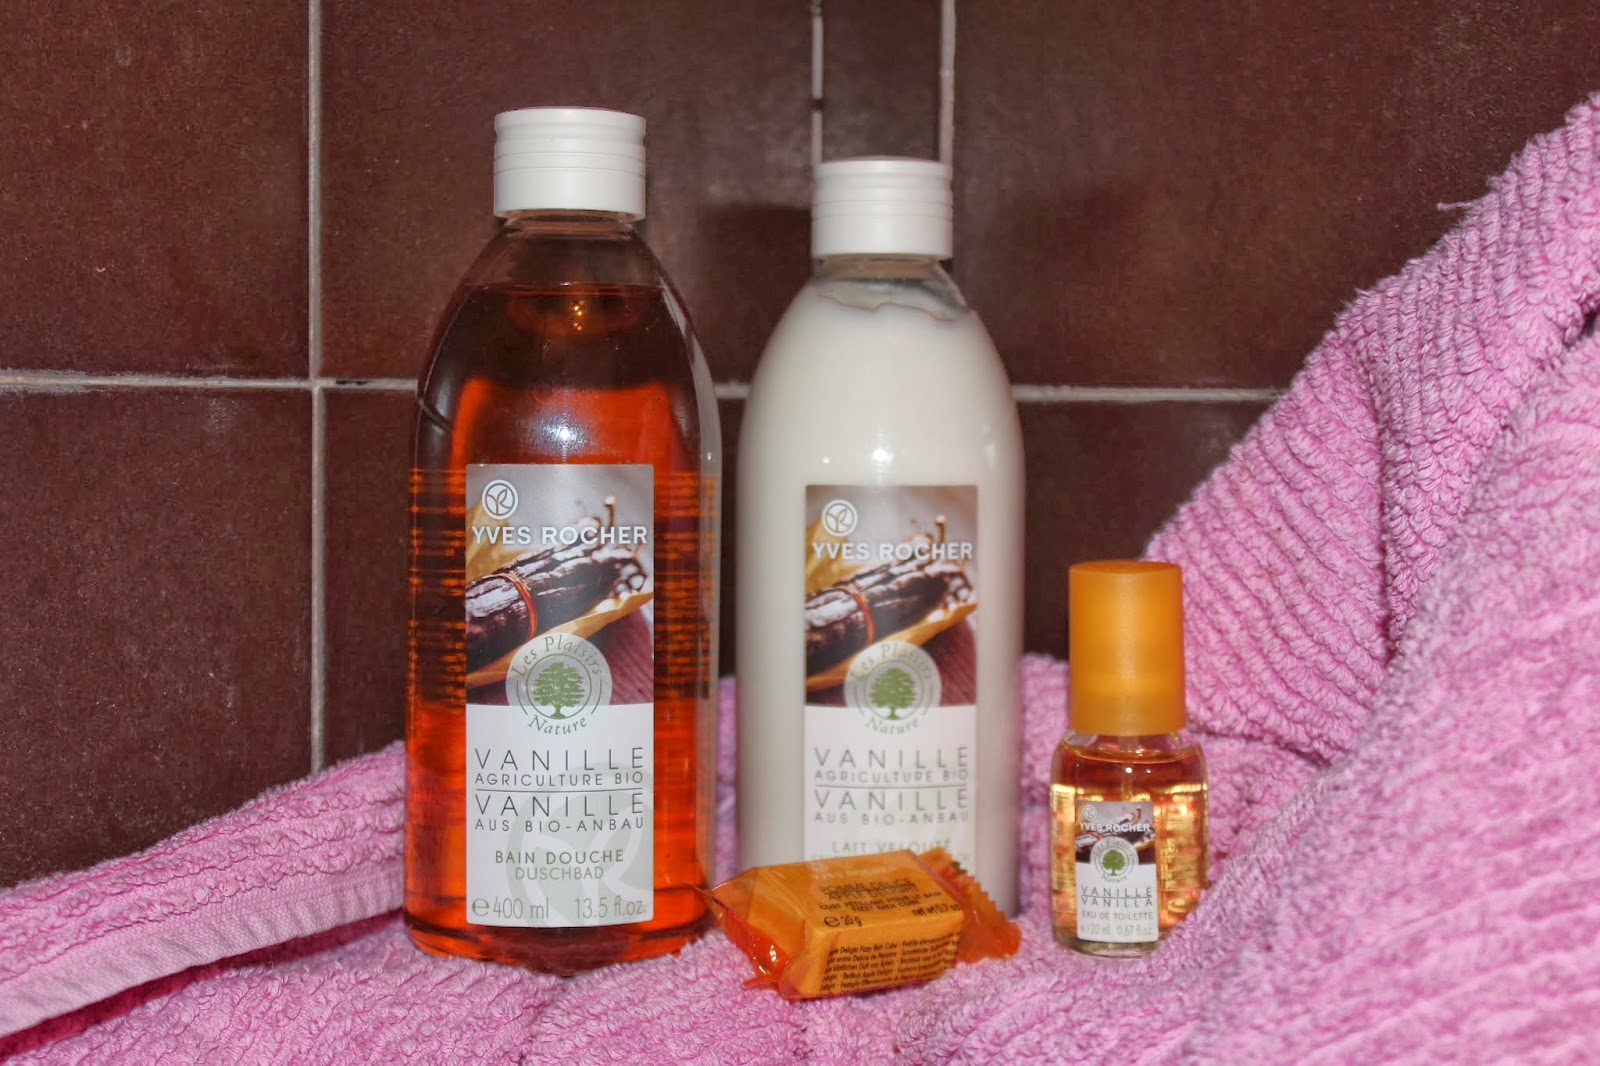 Loveelle addict yves rocher prodotti eco bio - Bagno doccia yves rocher ...